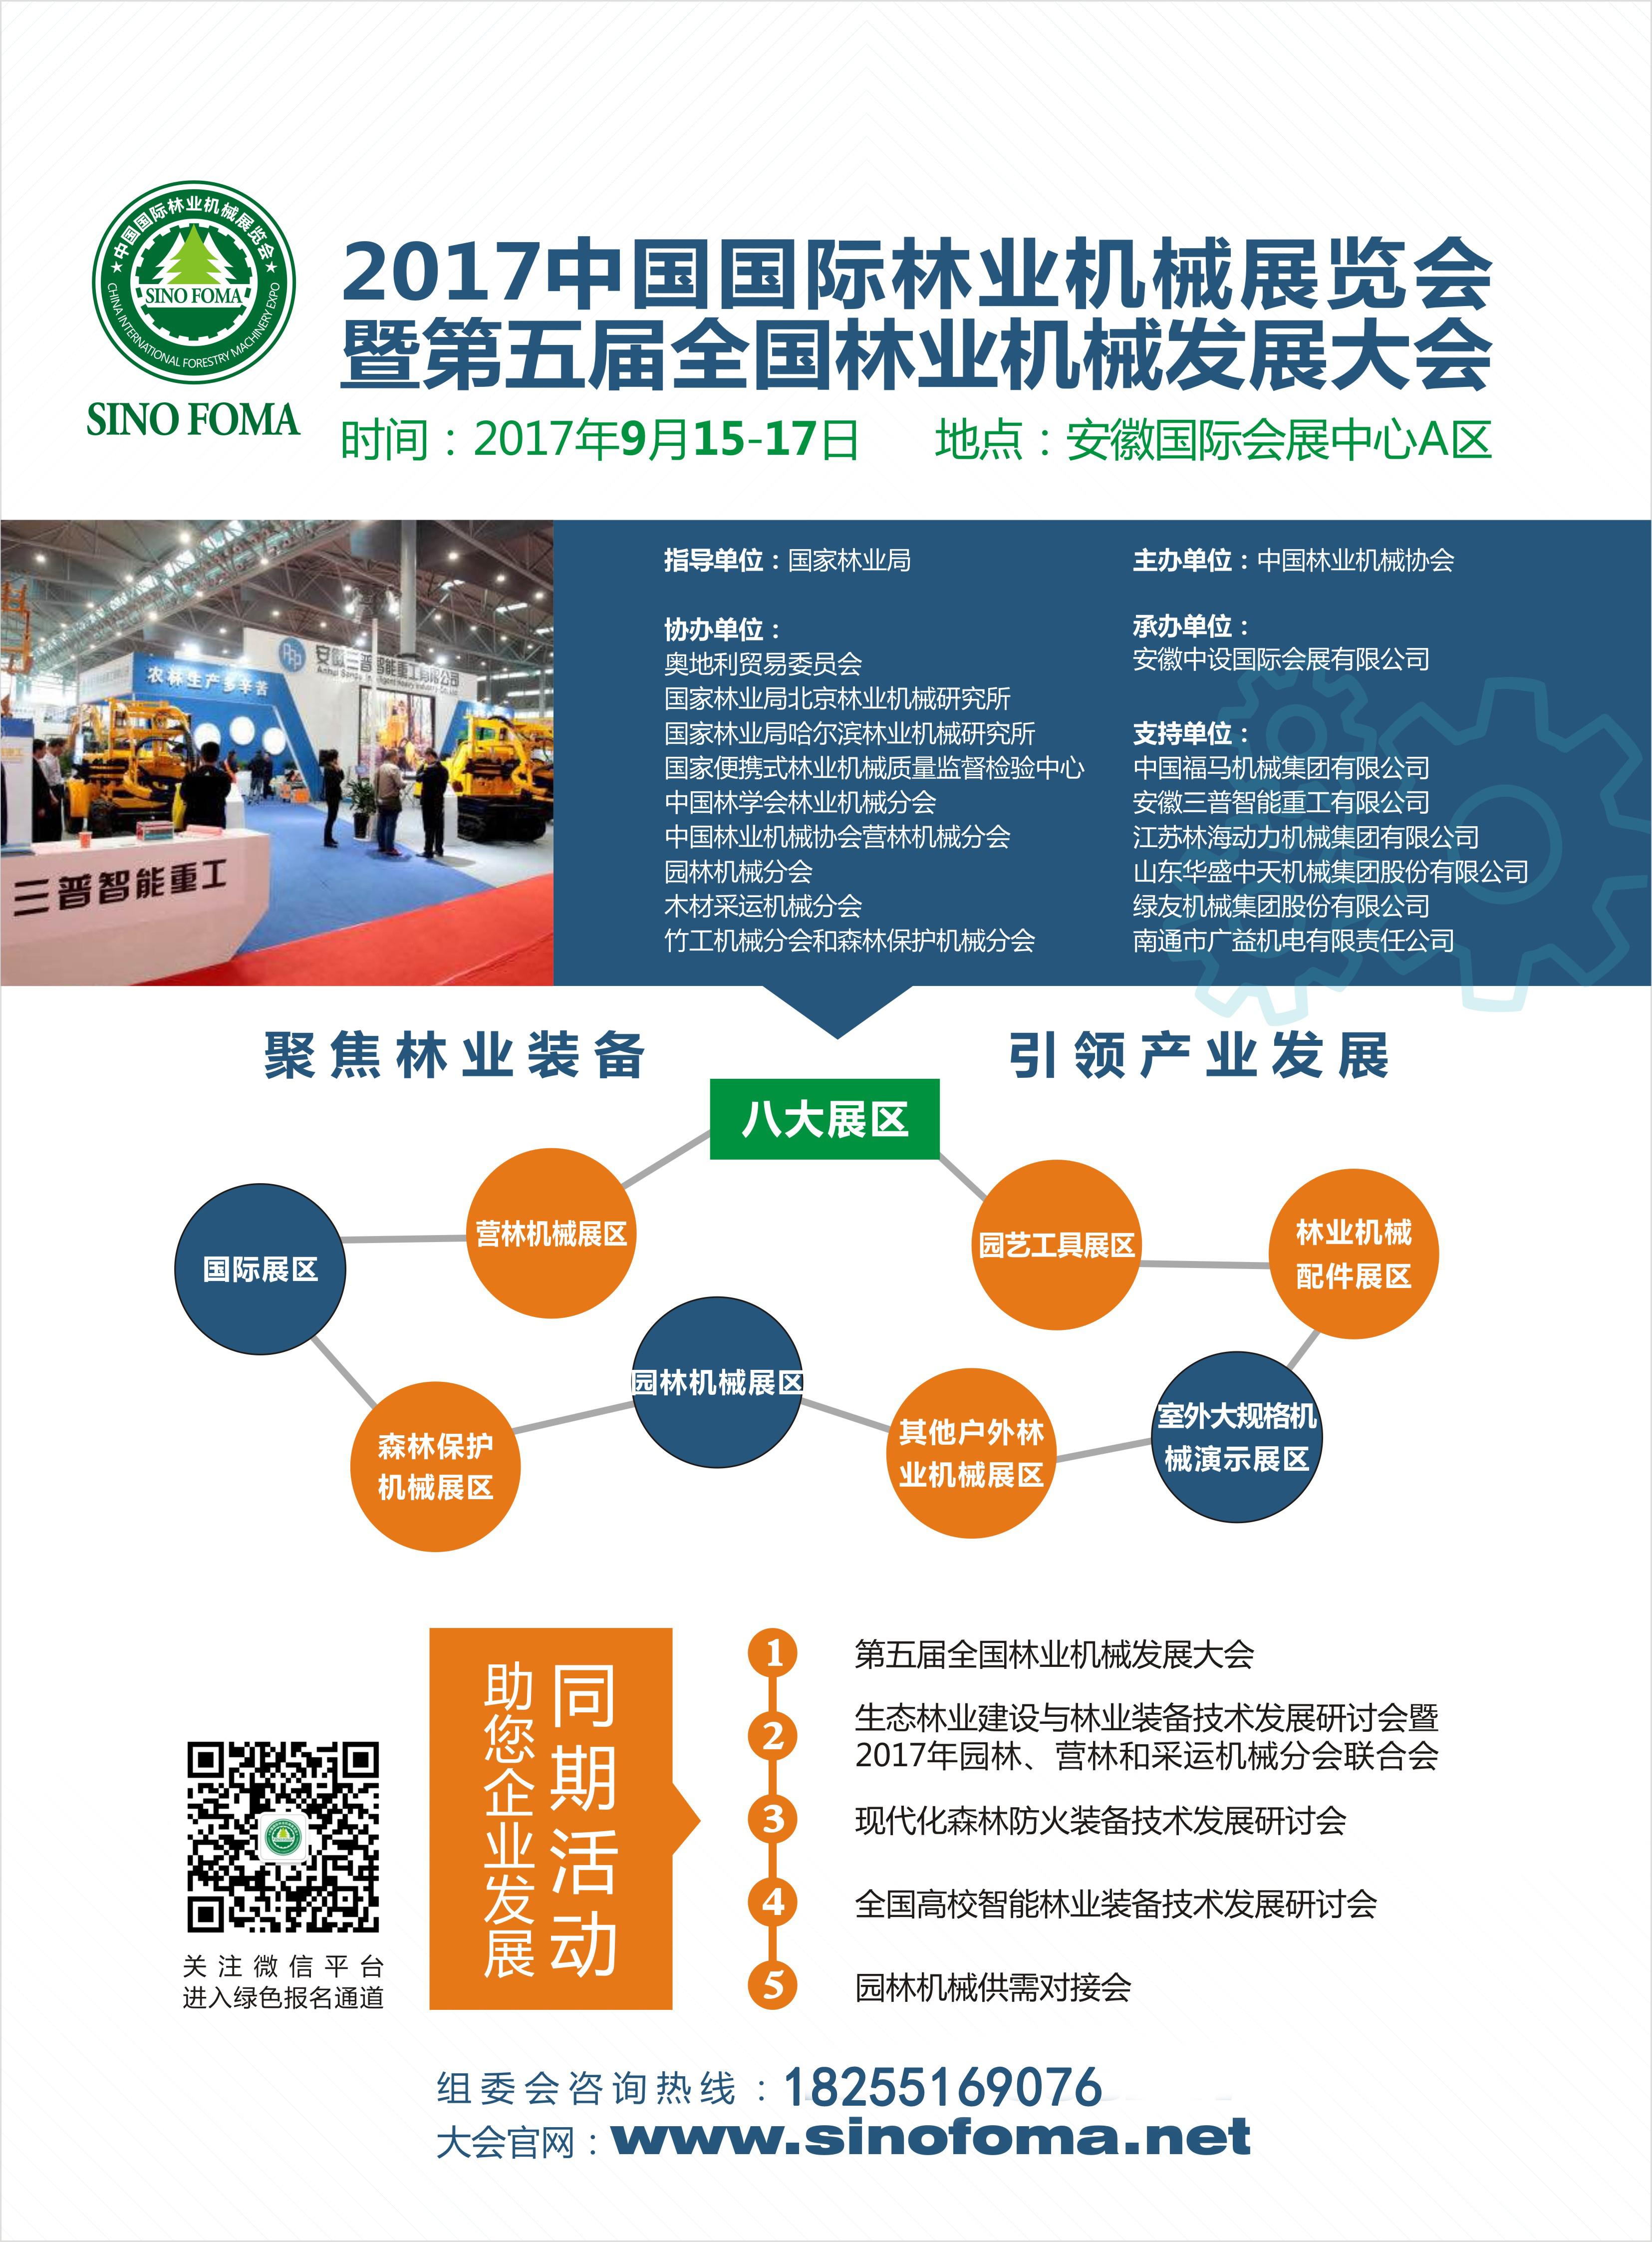 2017中国国际林业机械展览会 中国国际林业机械展览会 2017